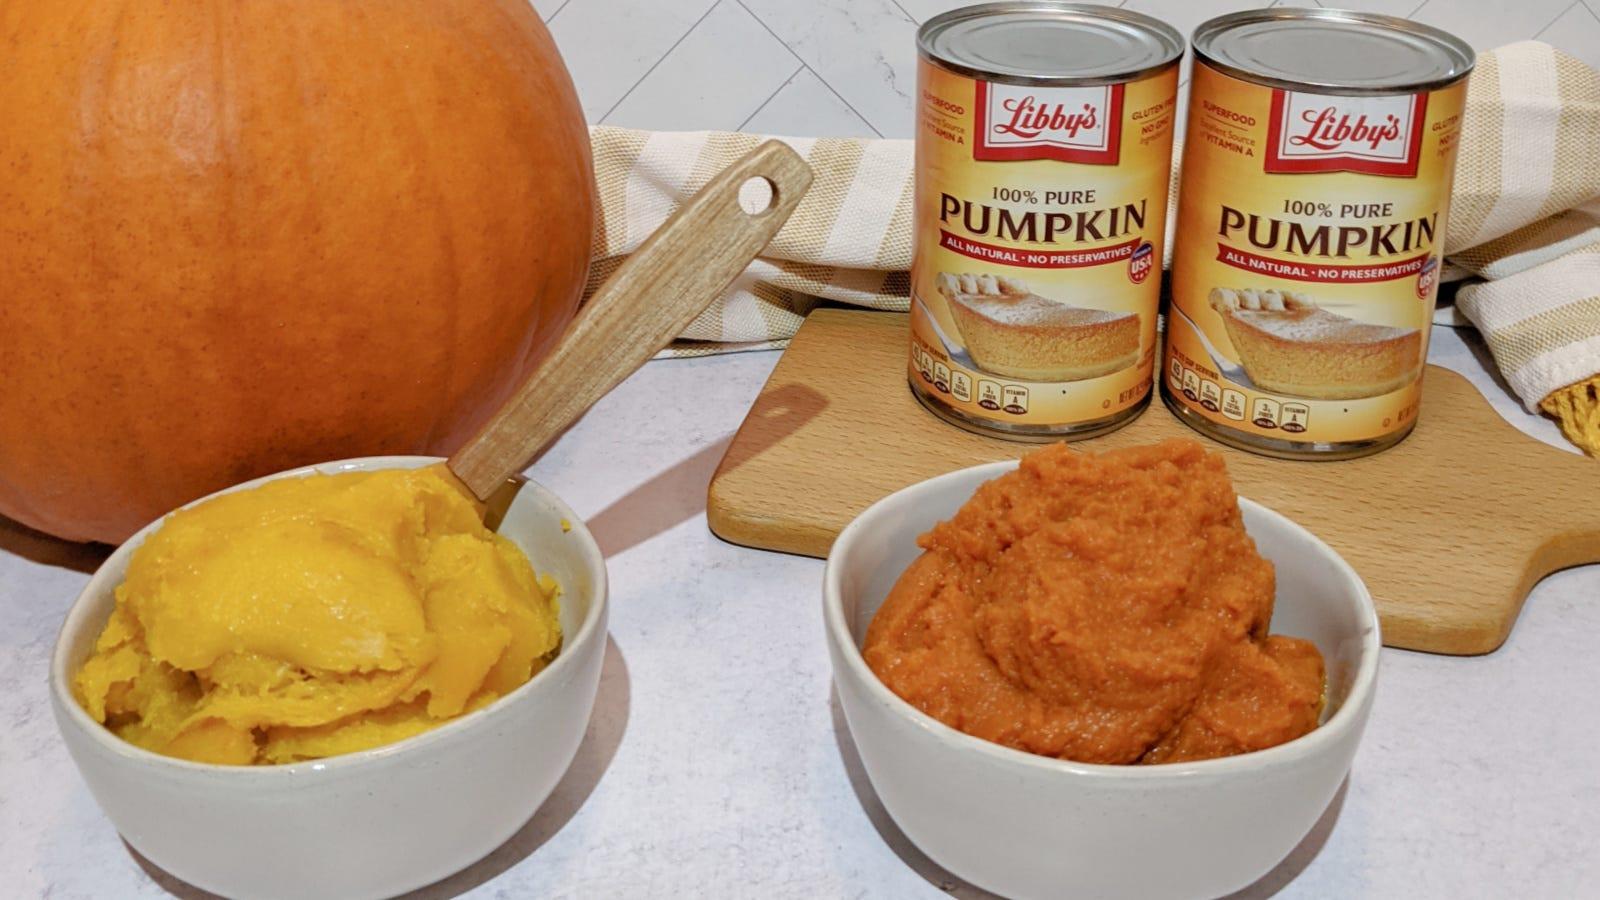 Una imagen que muestra las diferencias notables entre la calabaza enlatada y la calabaza asada y purreada en casa.